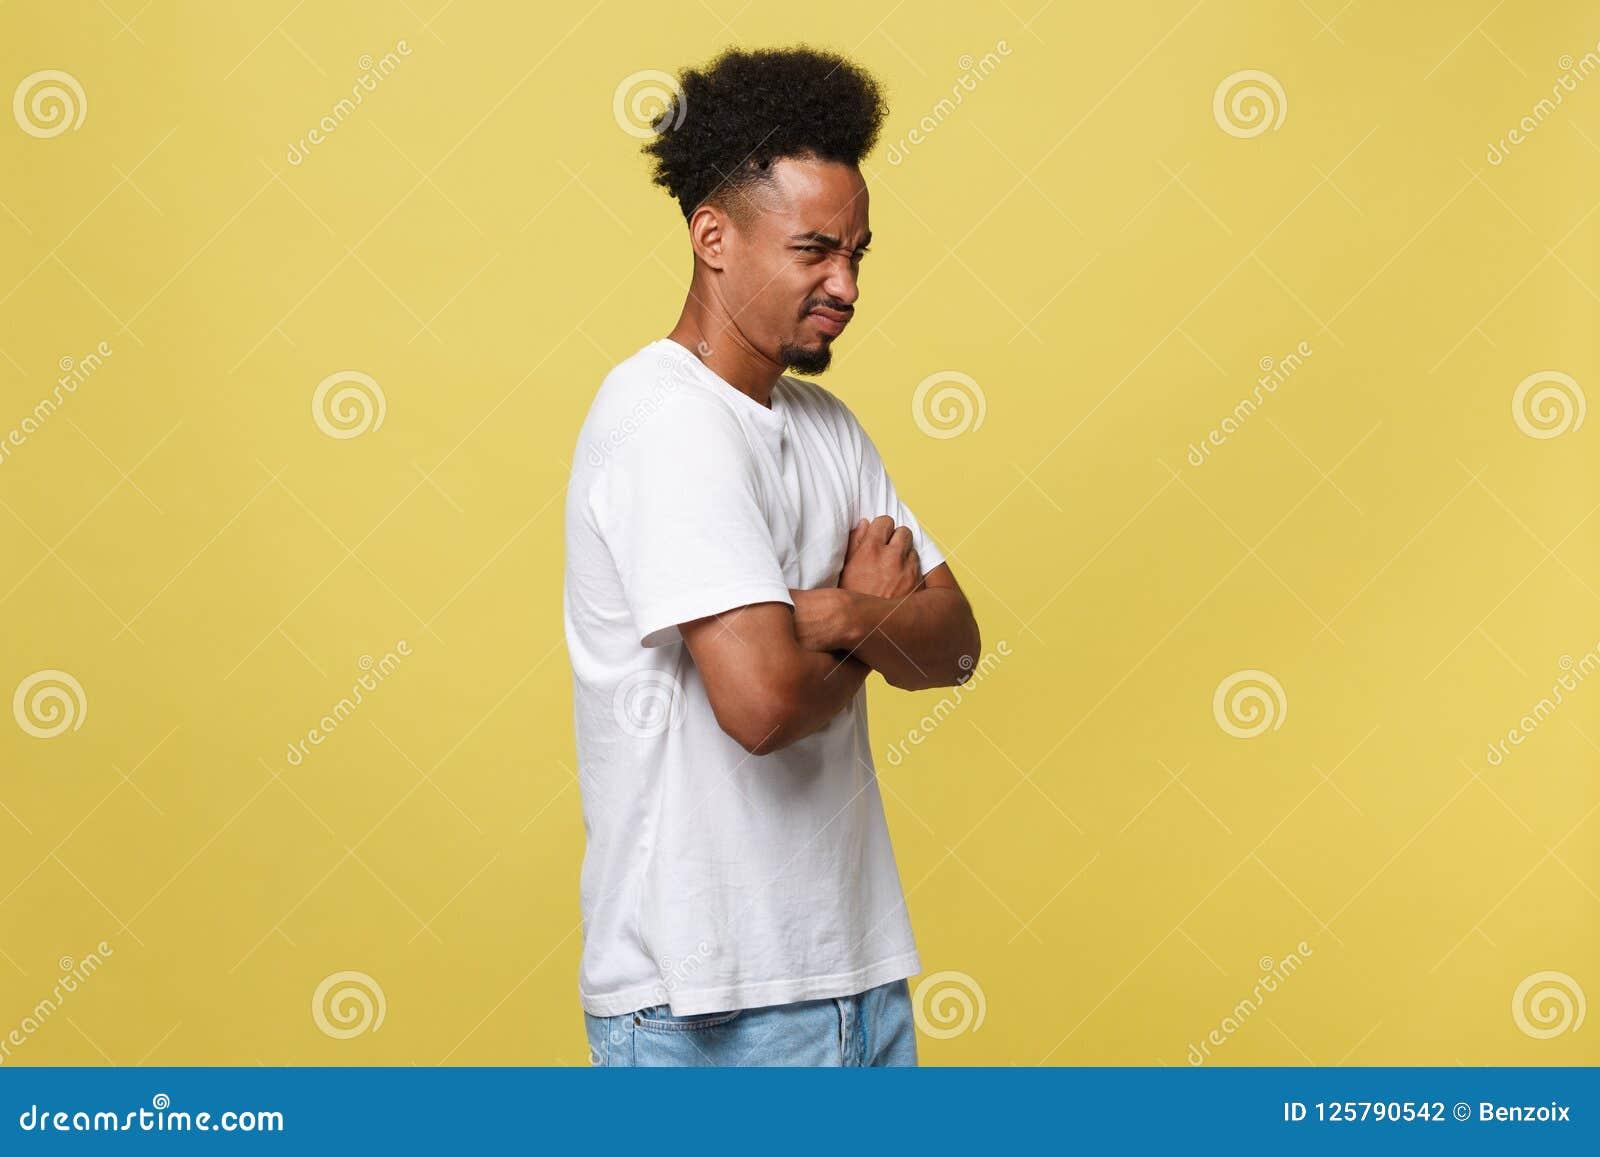 Expressions du visage, émotions et sentiments humains Portrait du jeune mâle à la peau foncée fâché fou habillé en passant